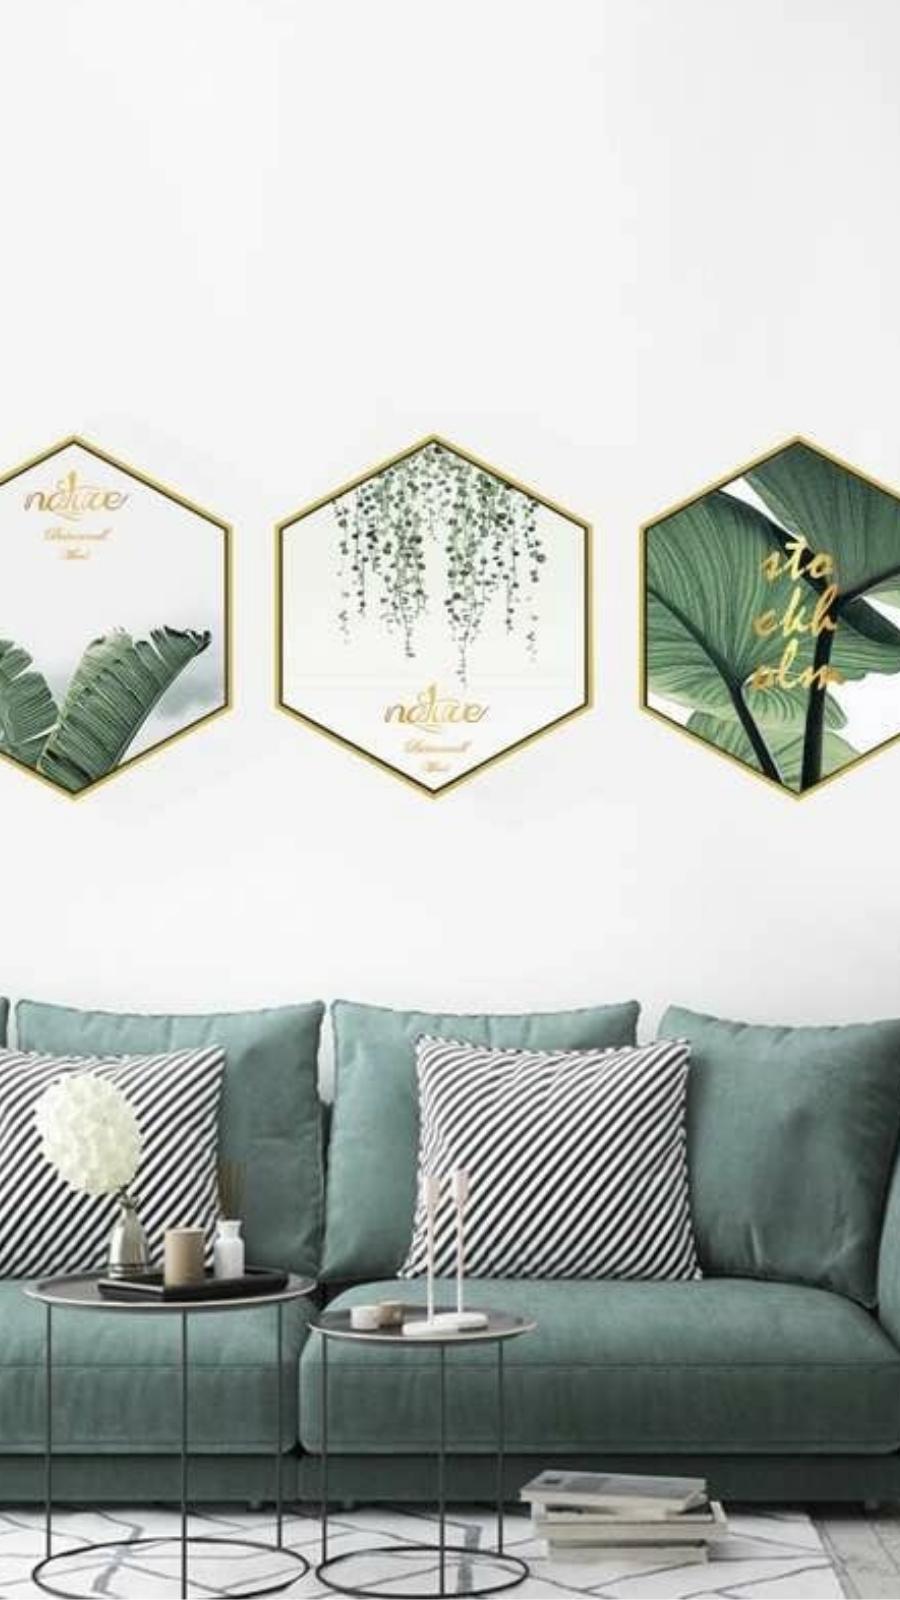 Tropical Print Cloth Green Wall Art 3pcs Without Frame Green Wall Decor Green Home Decor Green Wall Art